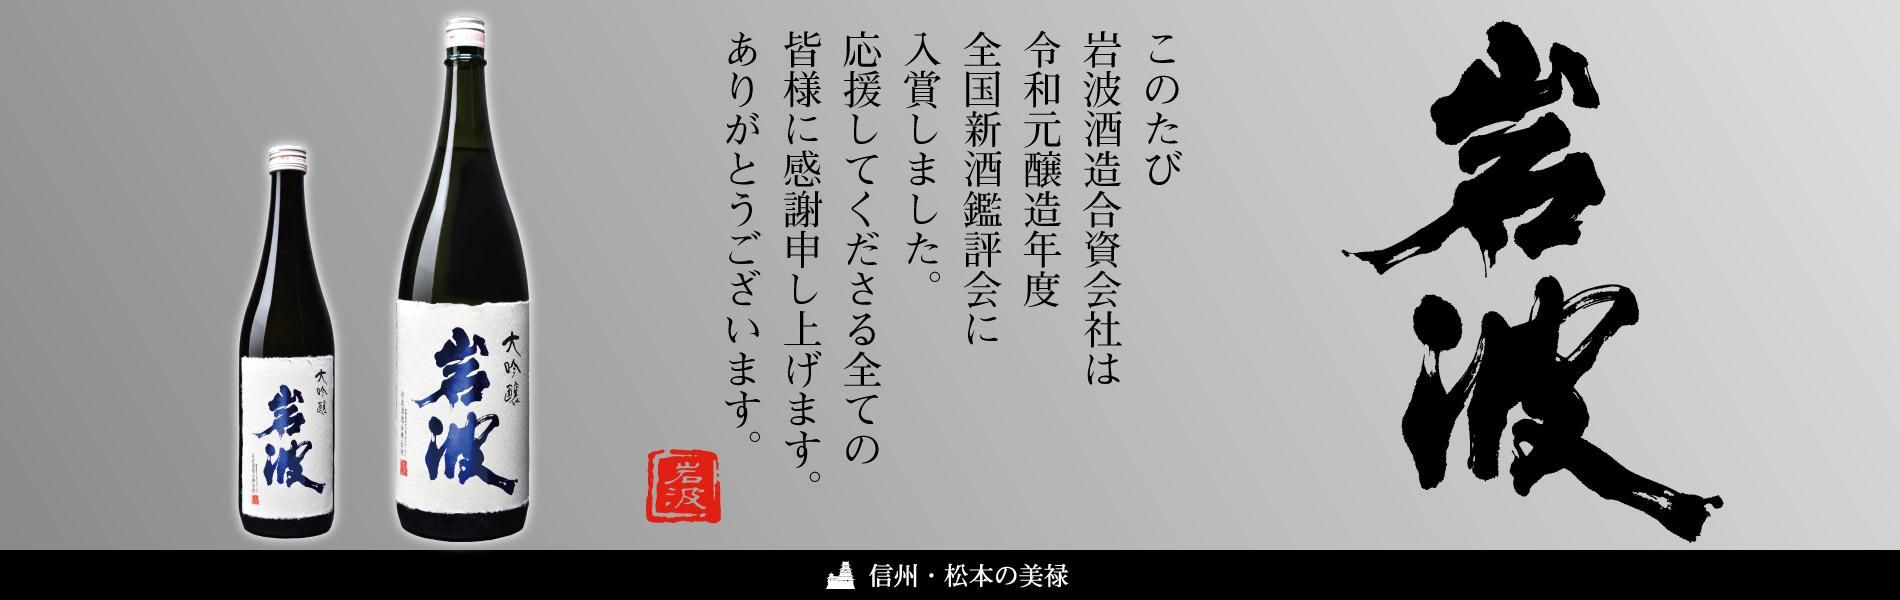 岩波 大吟醸 令和元酒造年度 全国新酒鑑評会 入賞